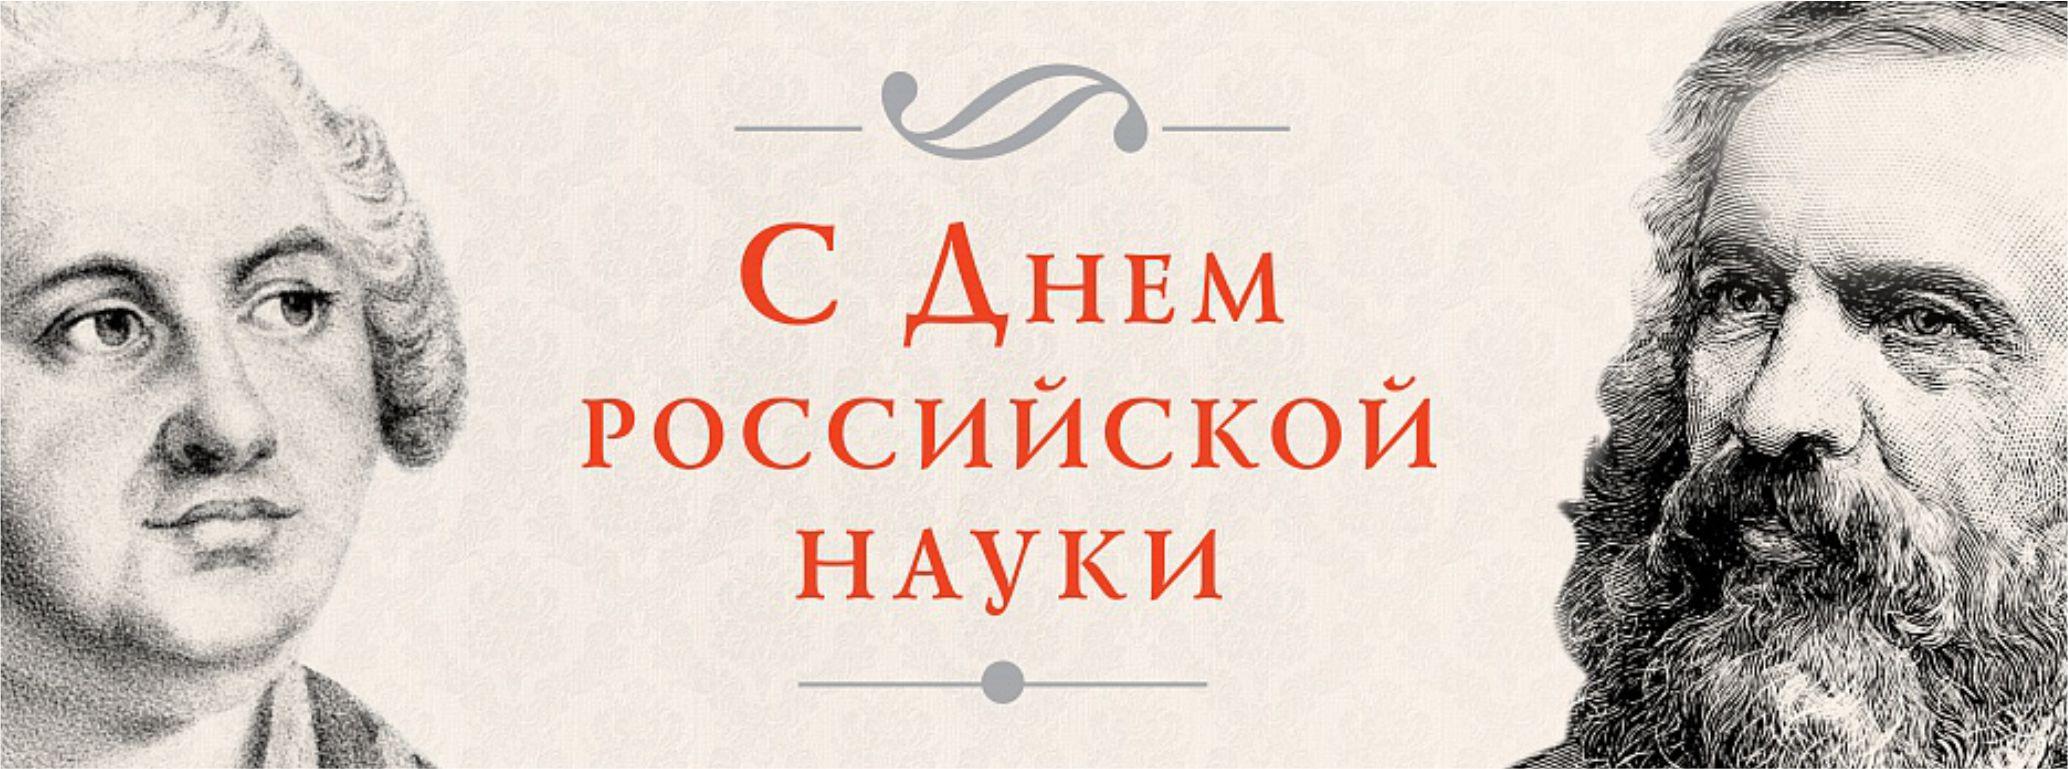 купить баннер день российской науки фабрика пит-мебель